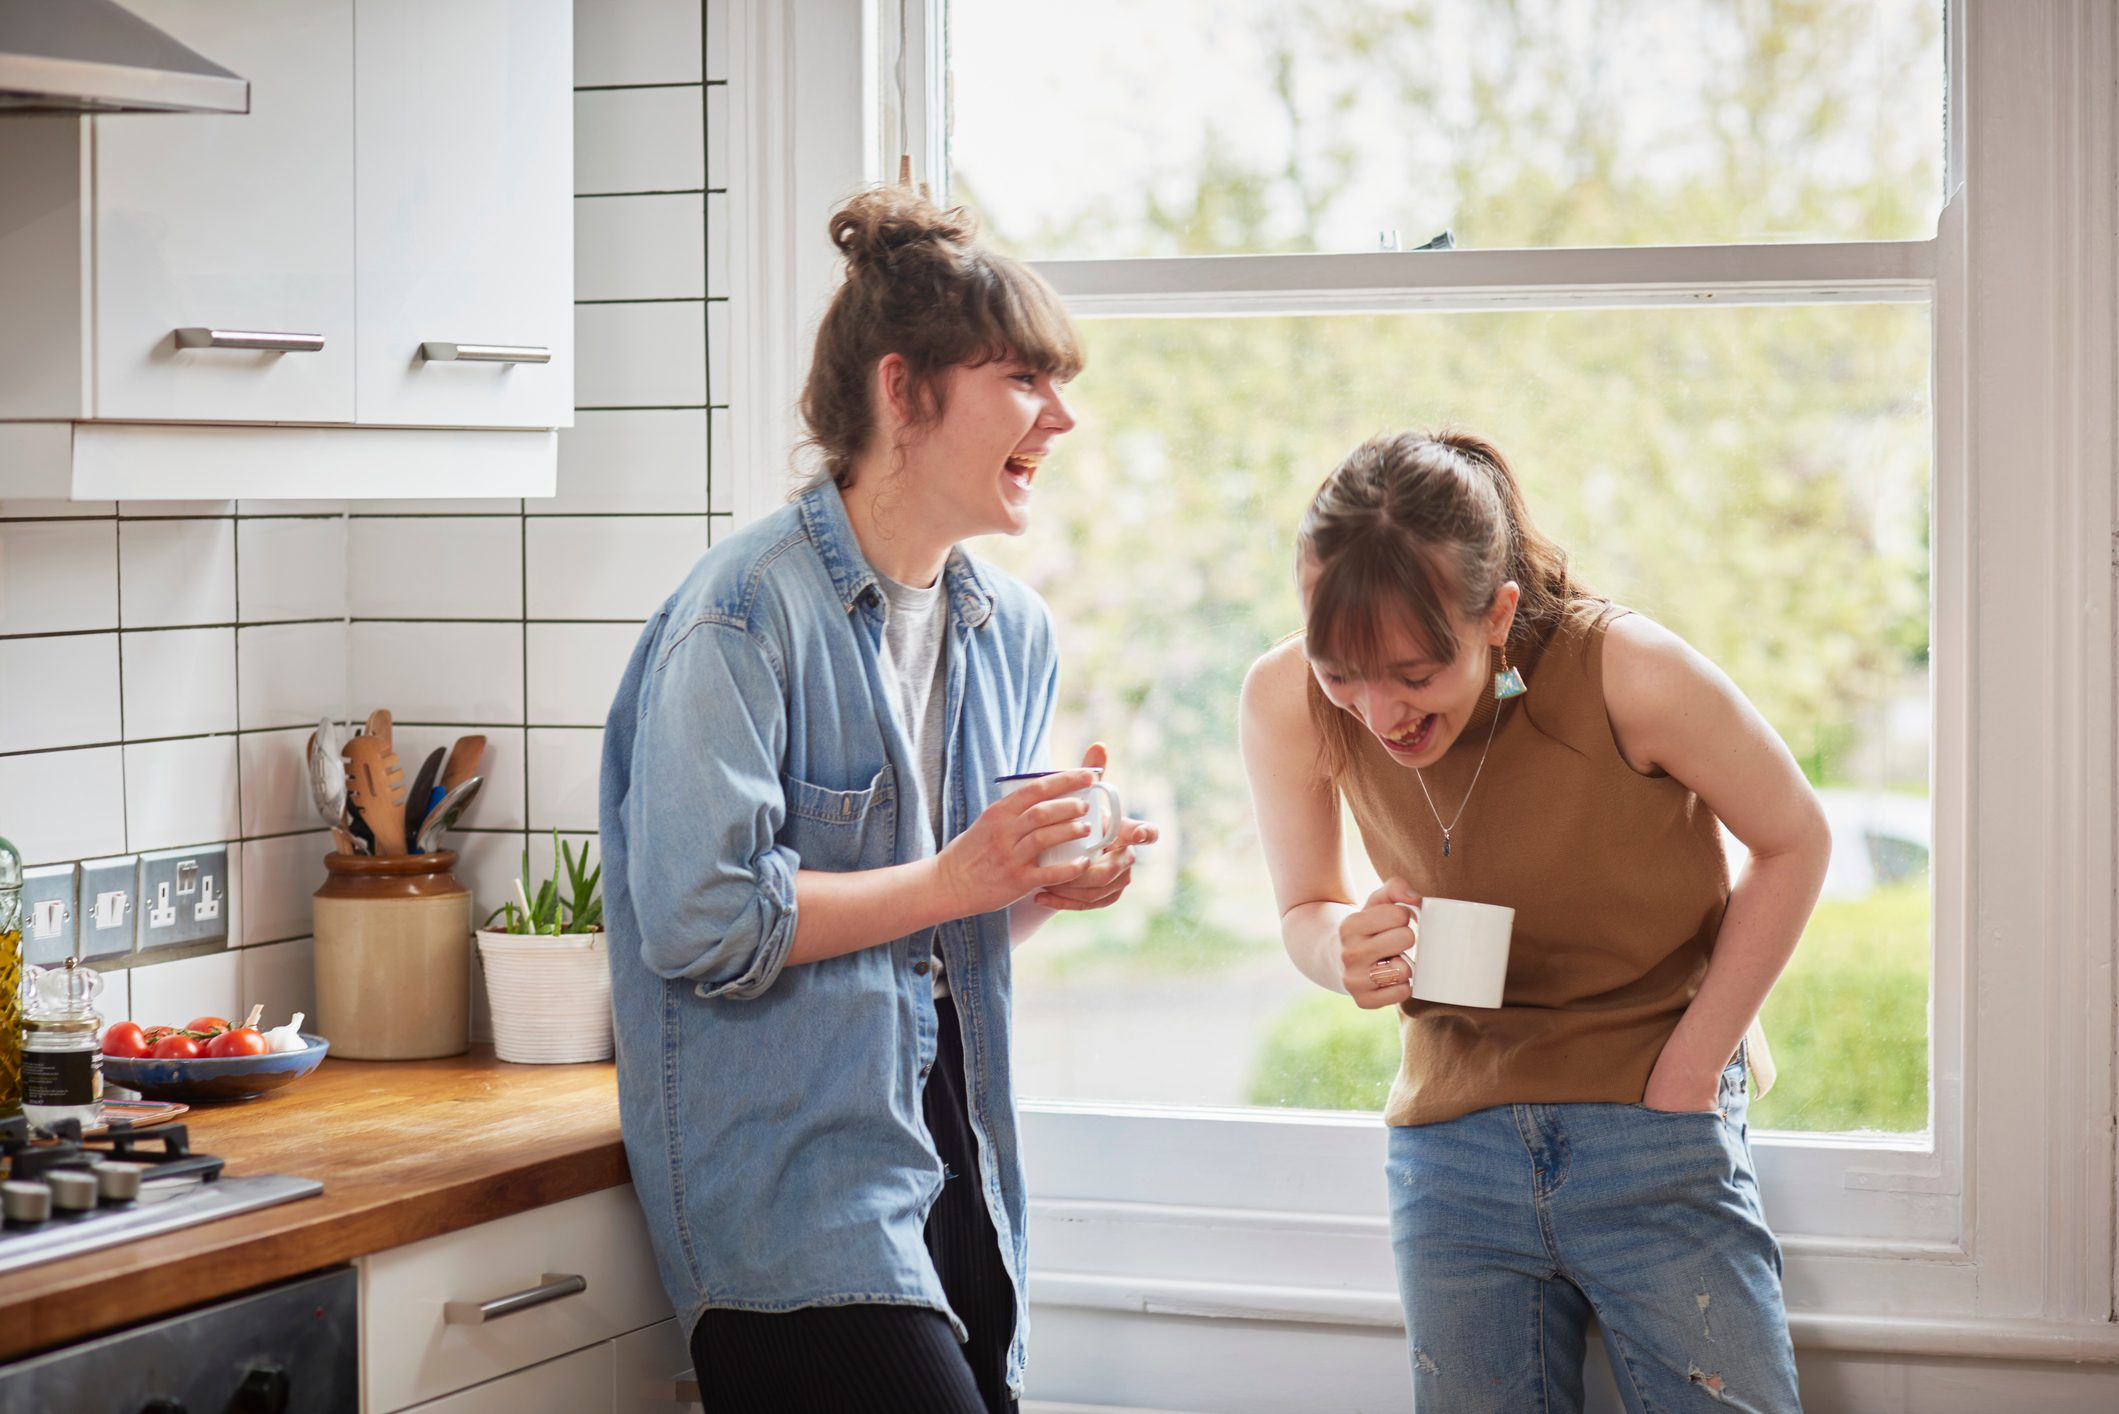 Friends chatting in kitchen